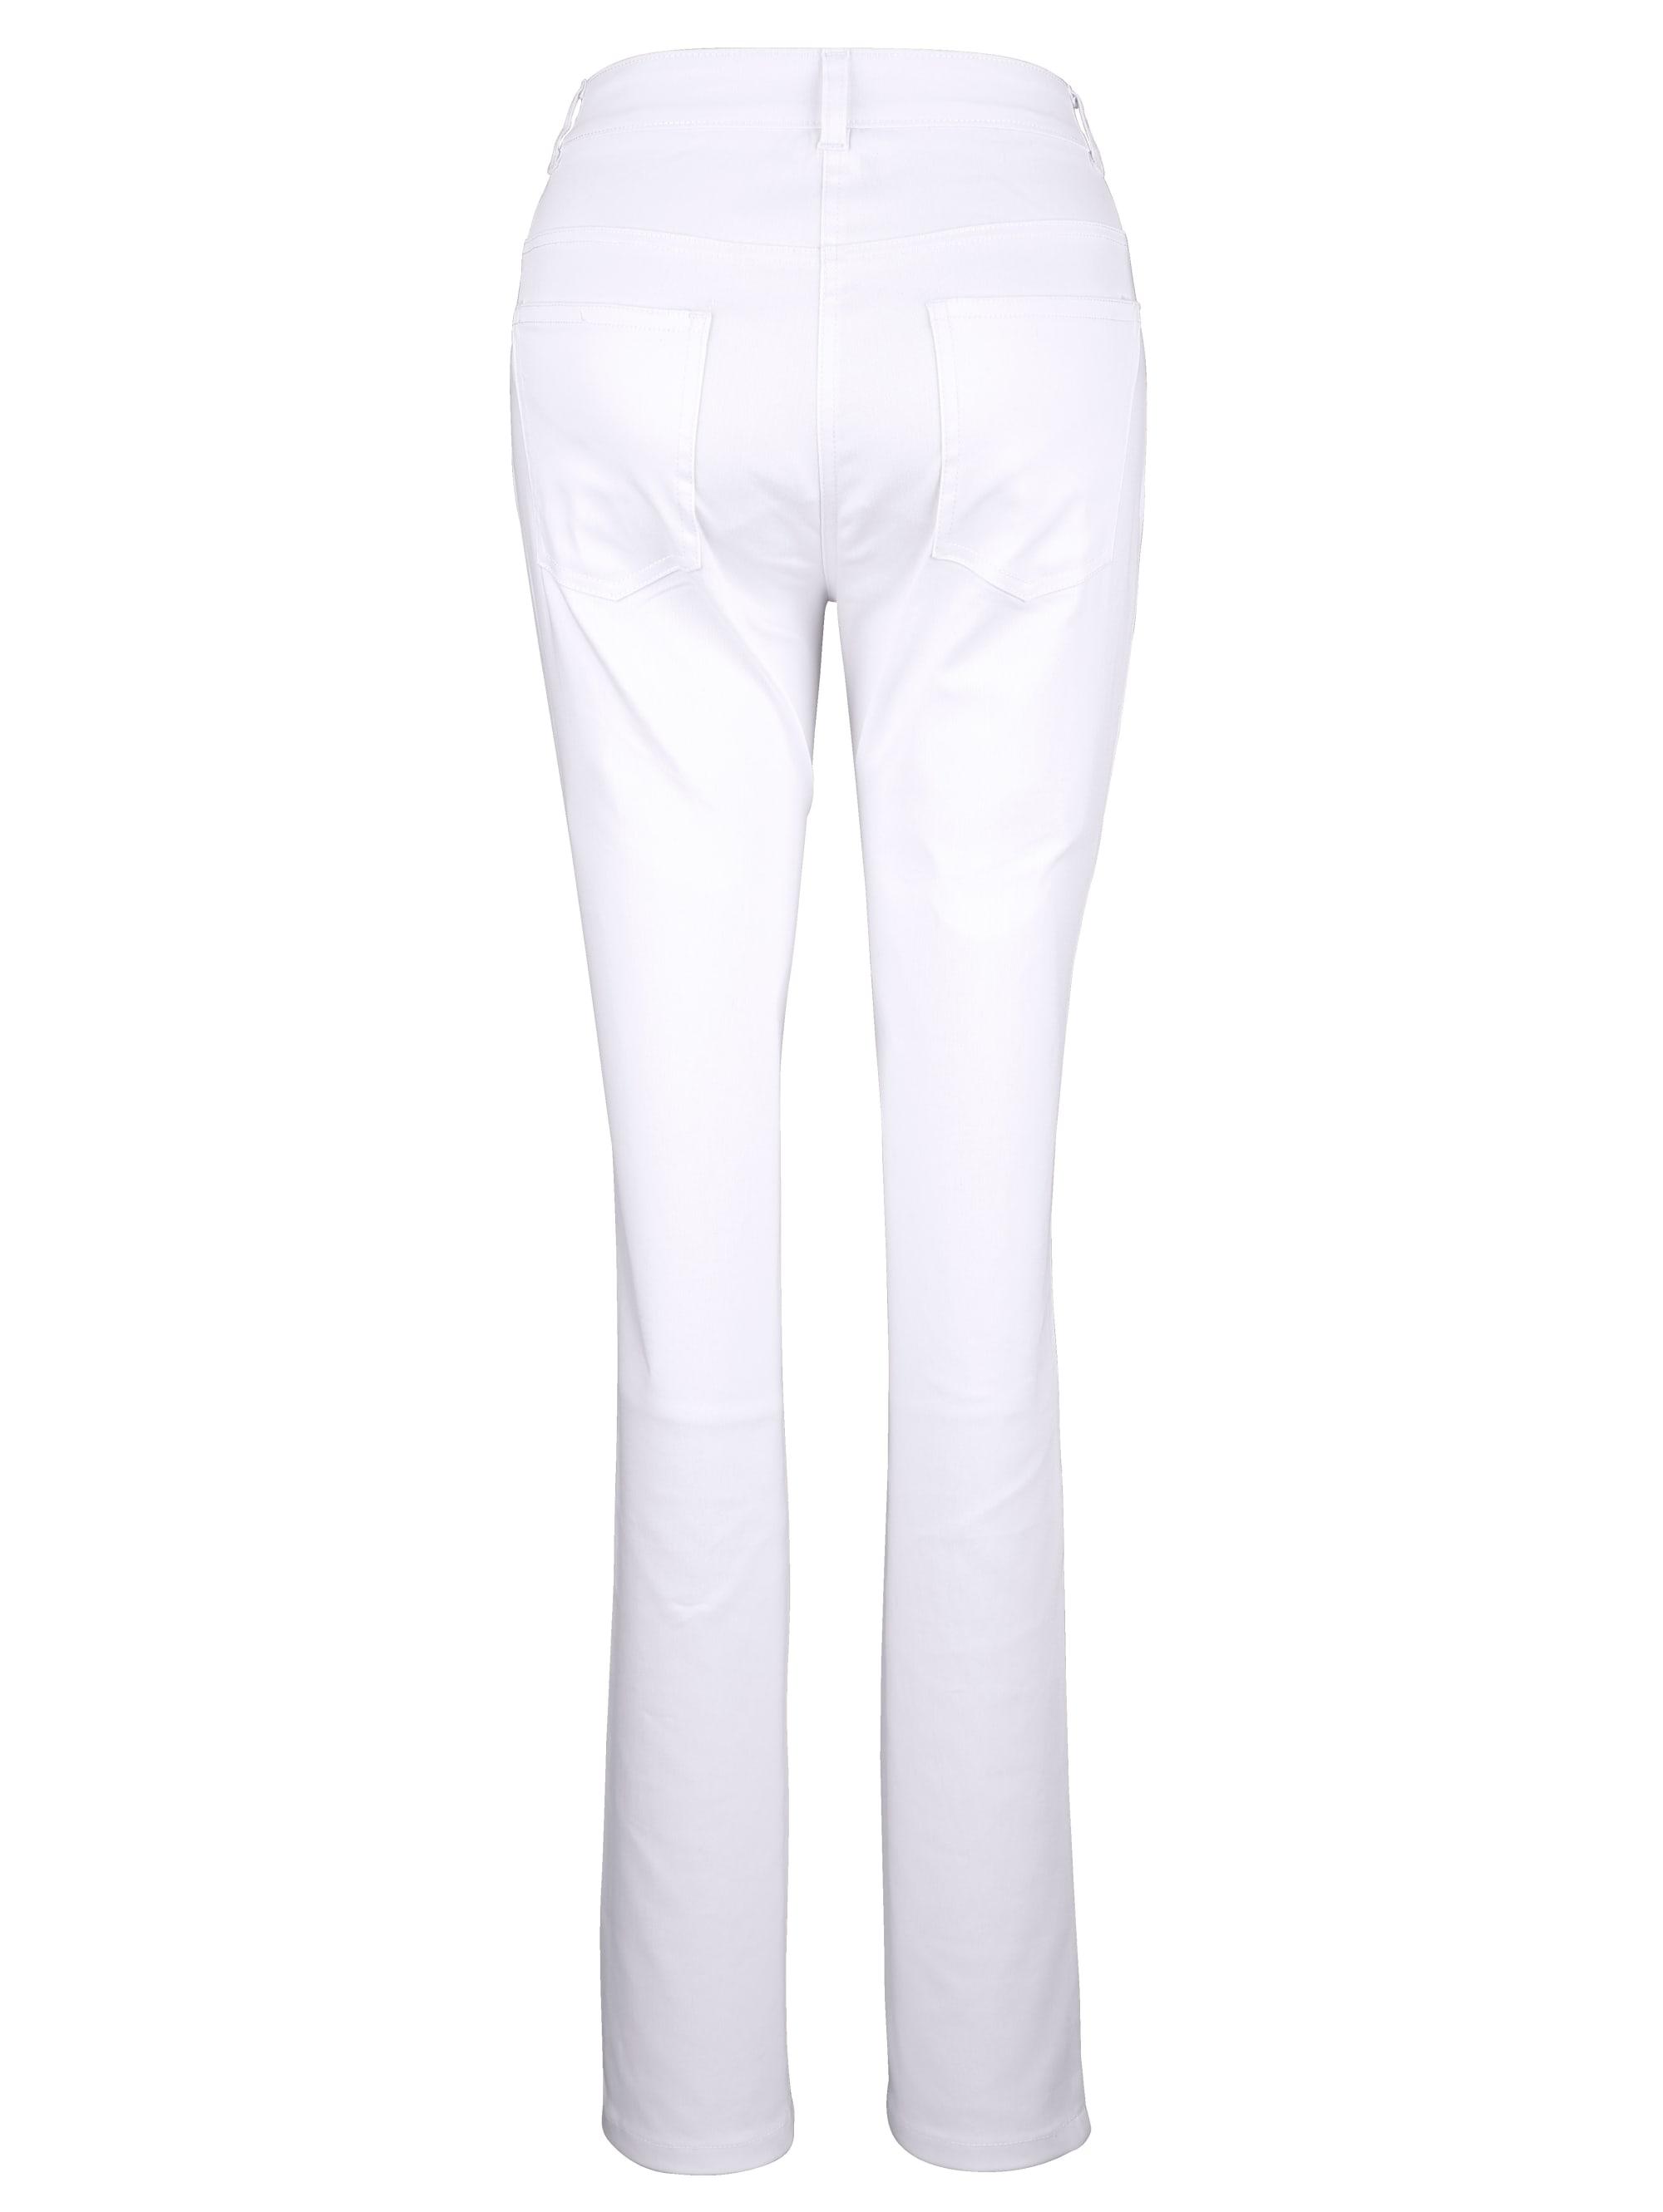 Laura Kent Hose in Weiß günstig kaufen